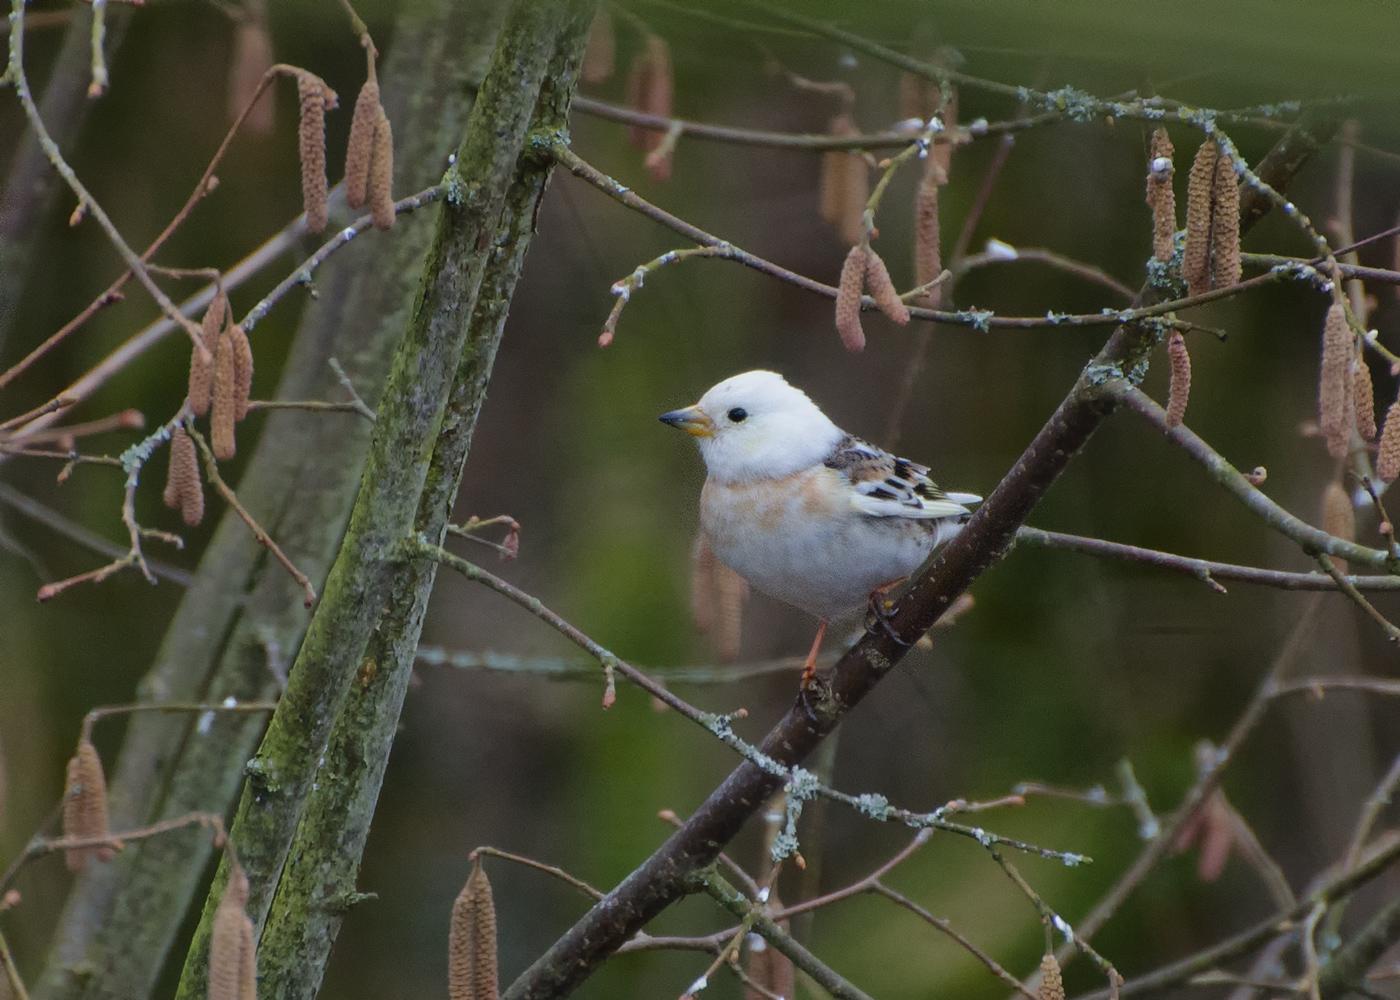 Wer kennt diesen Vogel ??